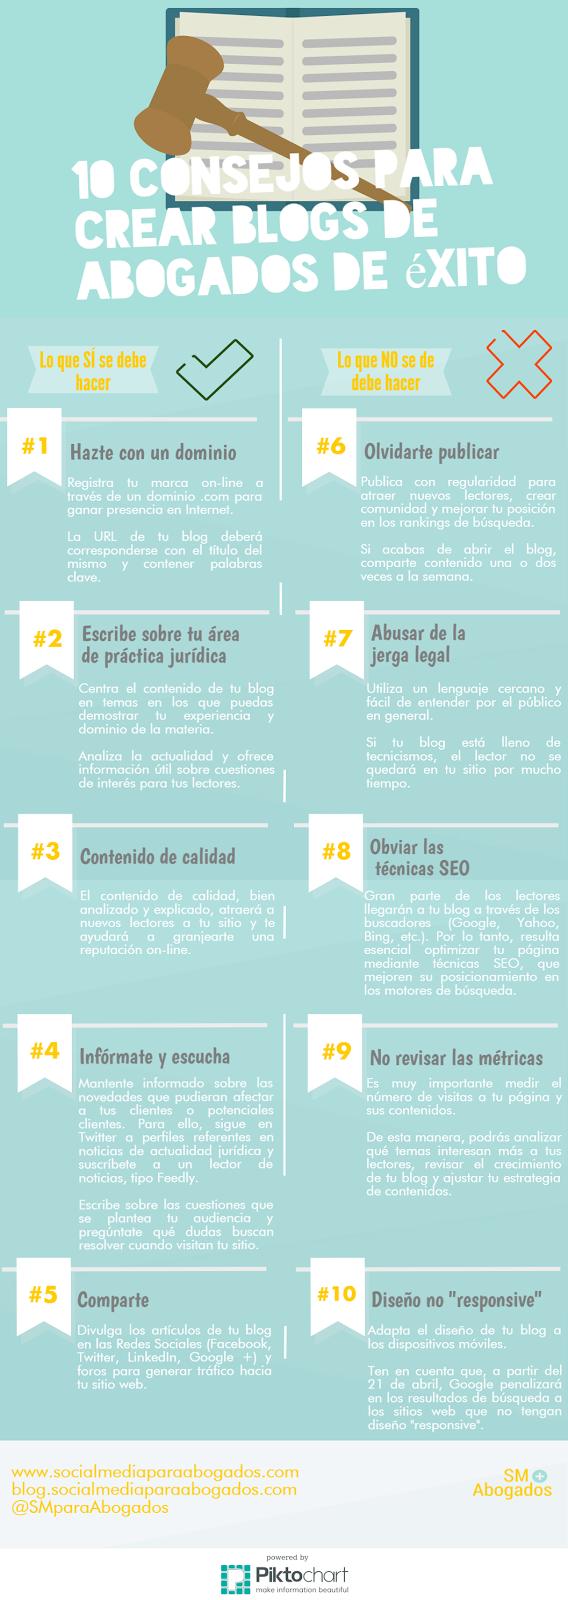 10 consejos para crear un blog de éxito para abogados